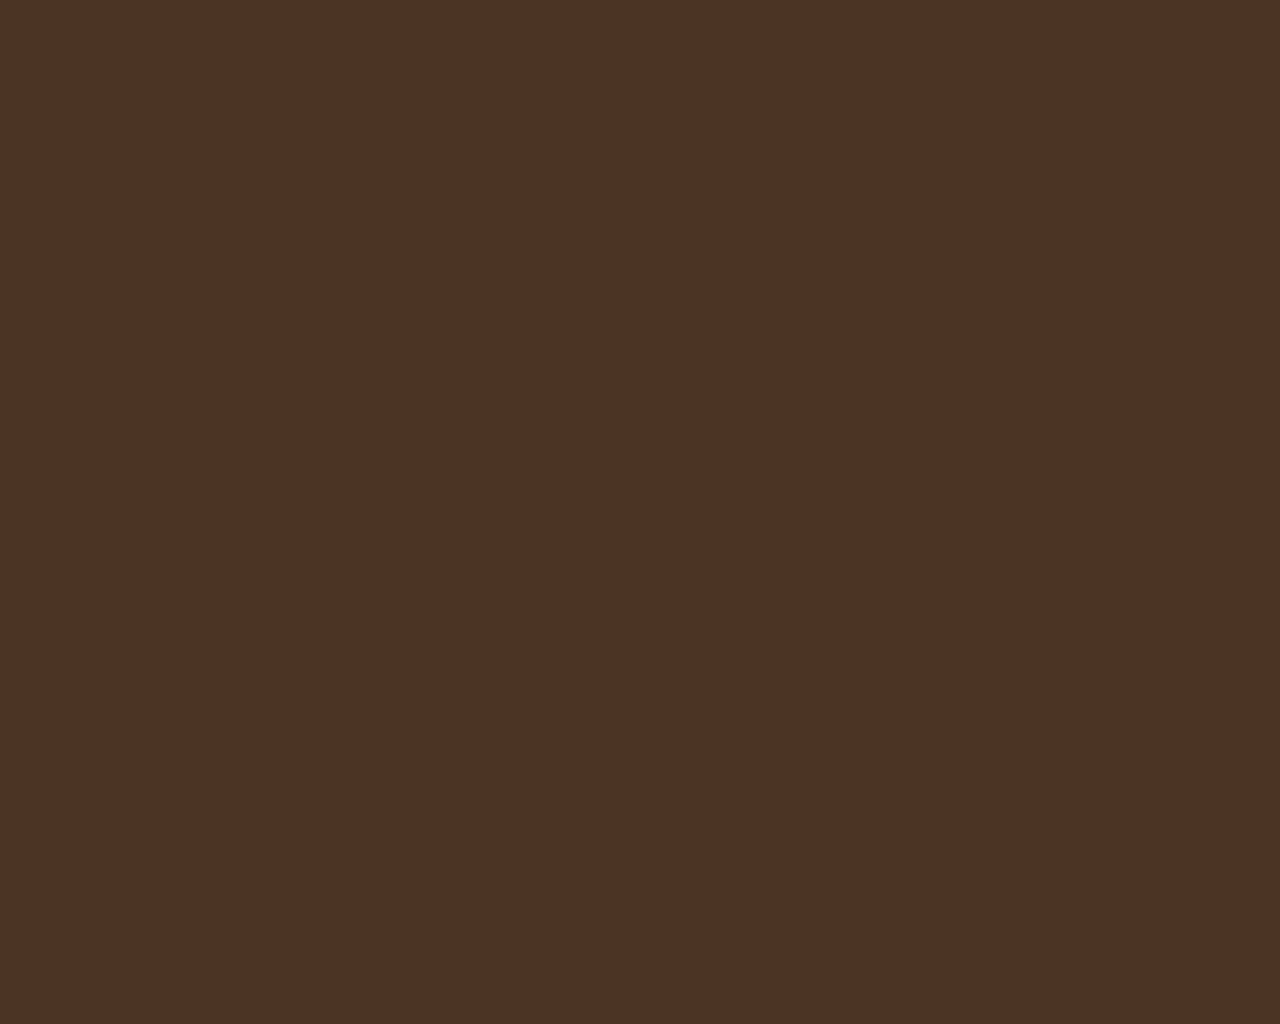 1280x1024 cafe noir solid color background